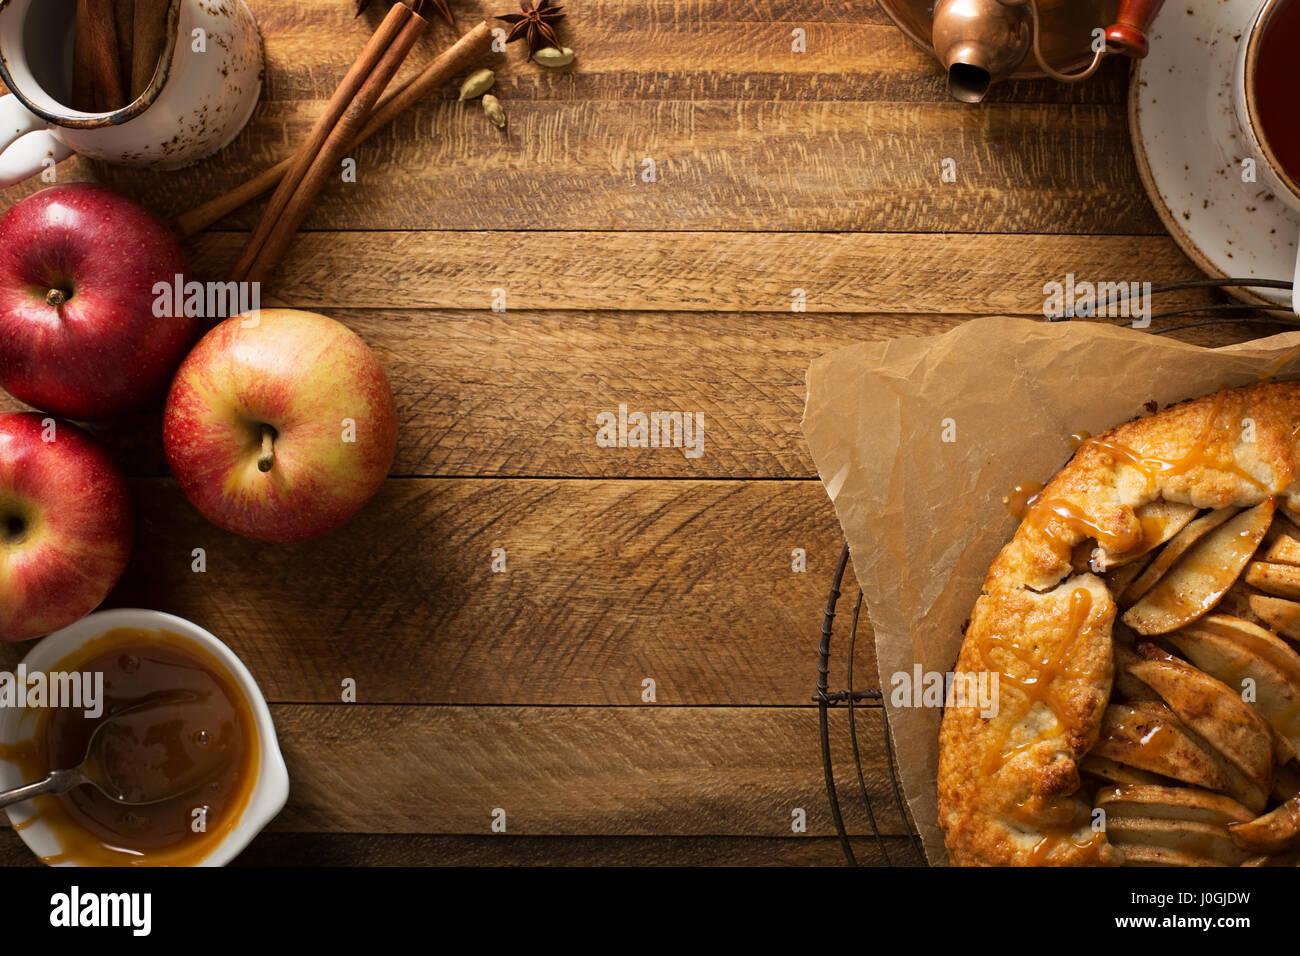 Pomme et caramel au beurre salé galette Photo Stock